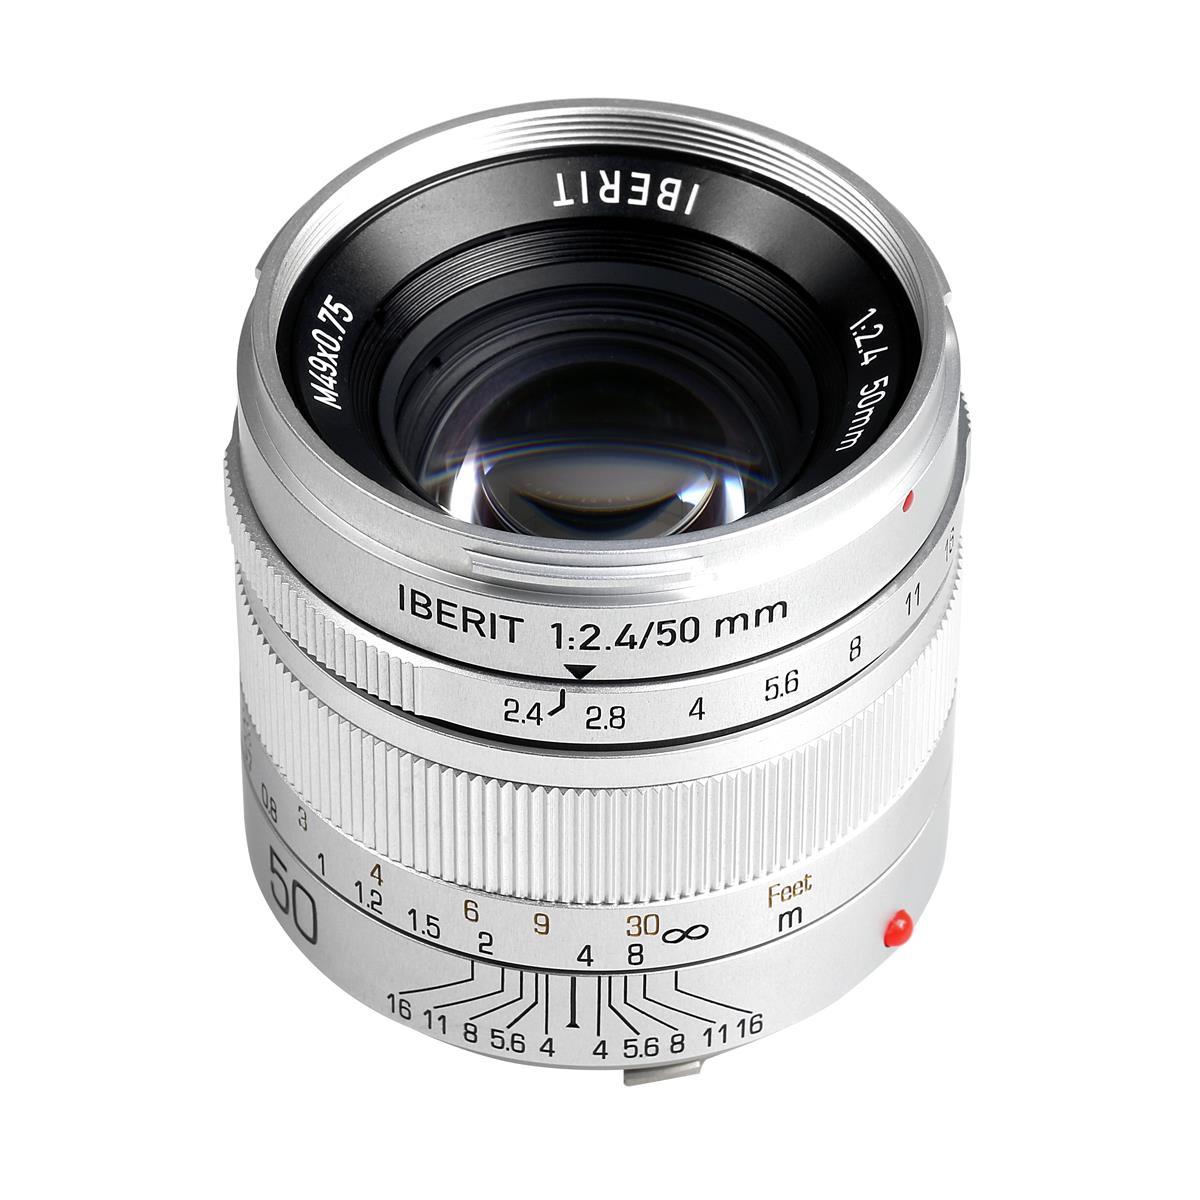 Handevision IBERIT full frame lenses for Leica M mount: US pricing ...